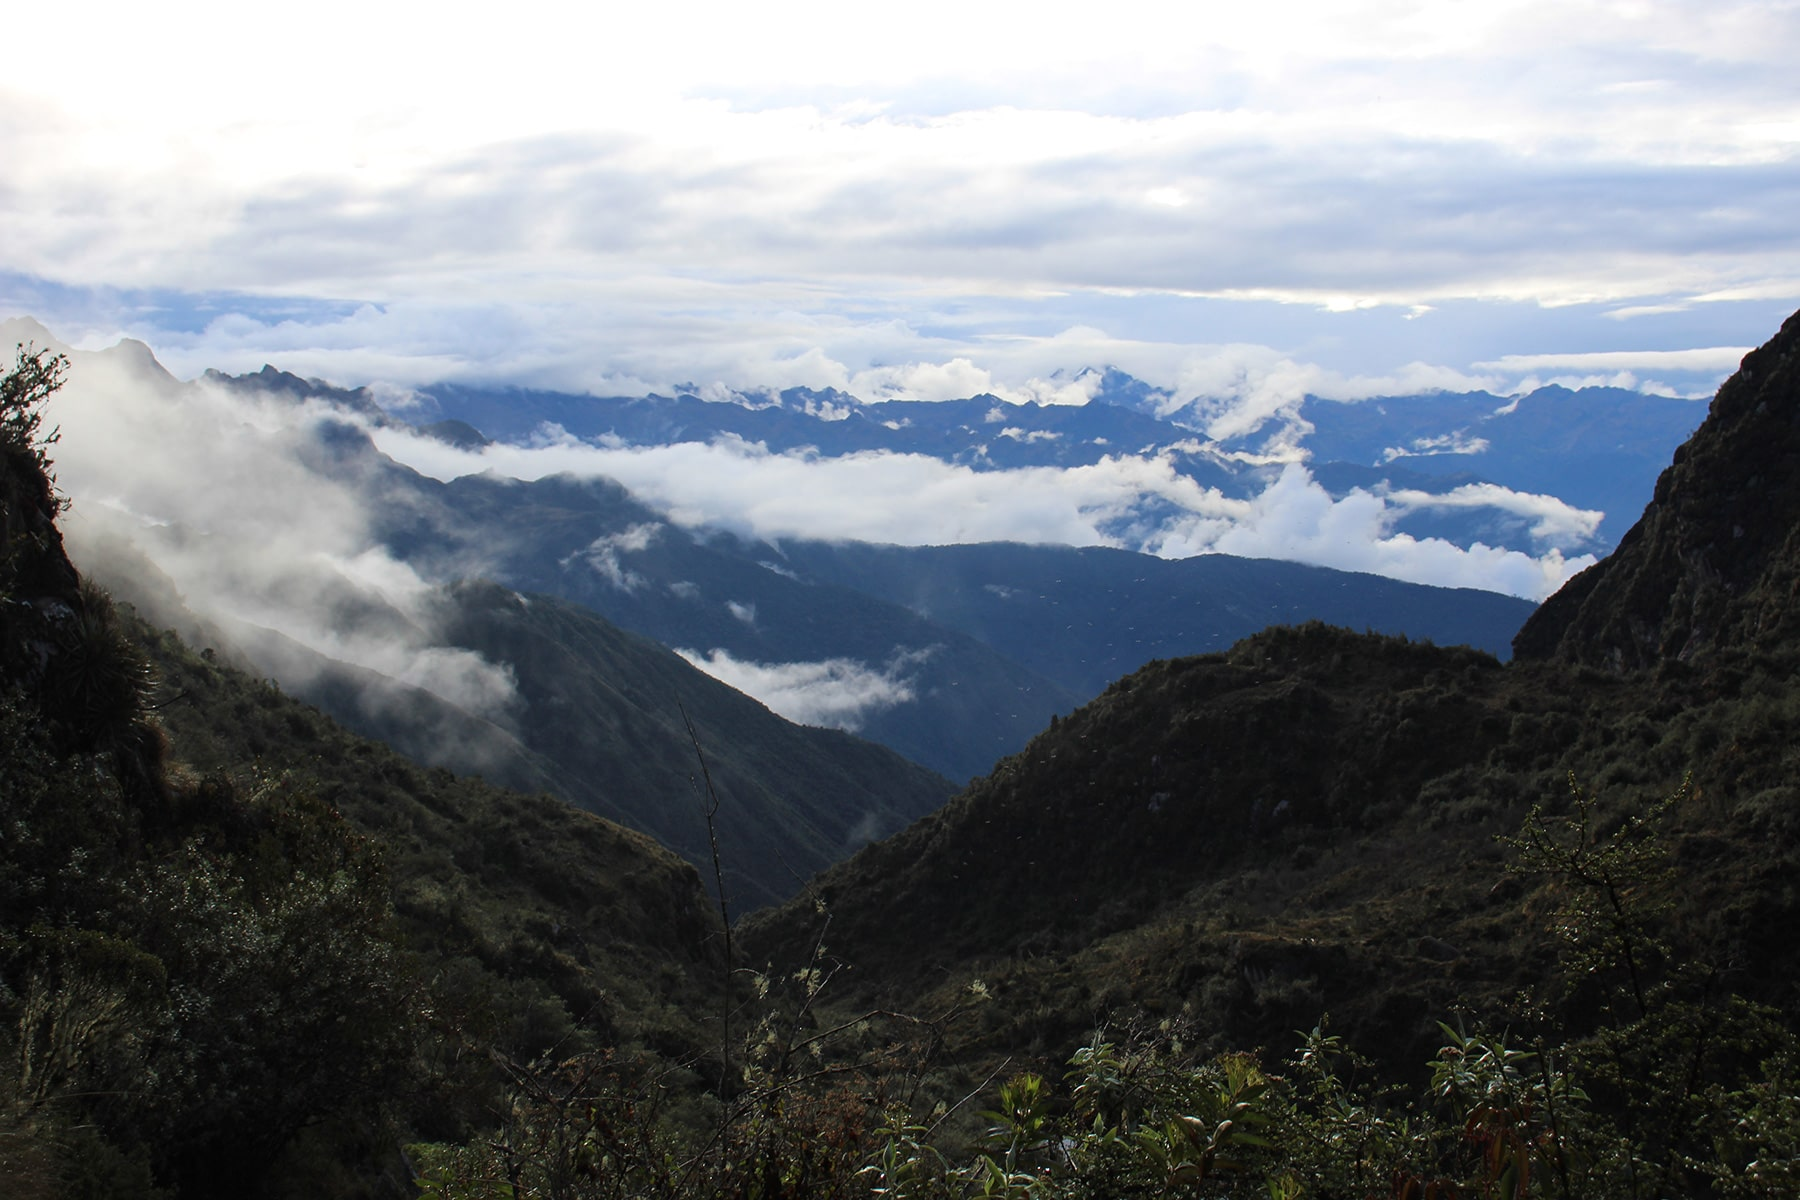 La vista sulla valle inca trail